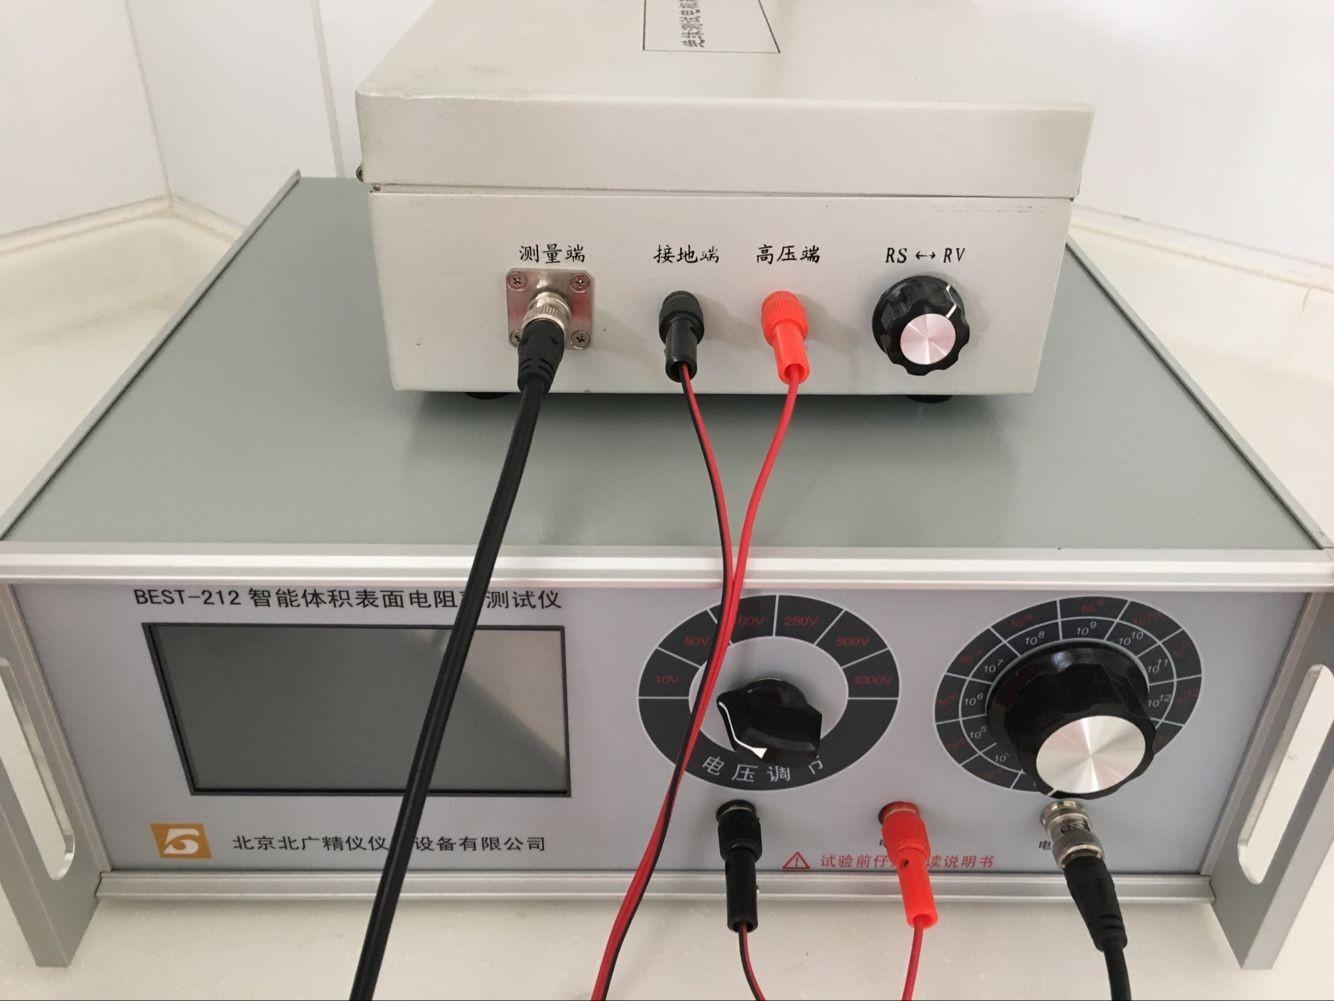 甘南橡胶绝缘电阻测试仪工厂